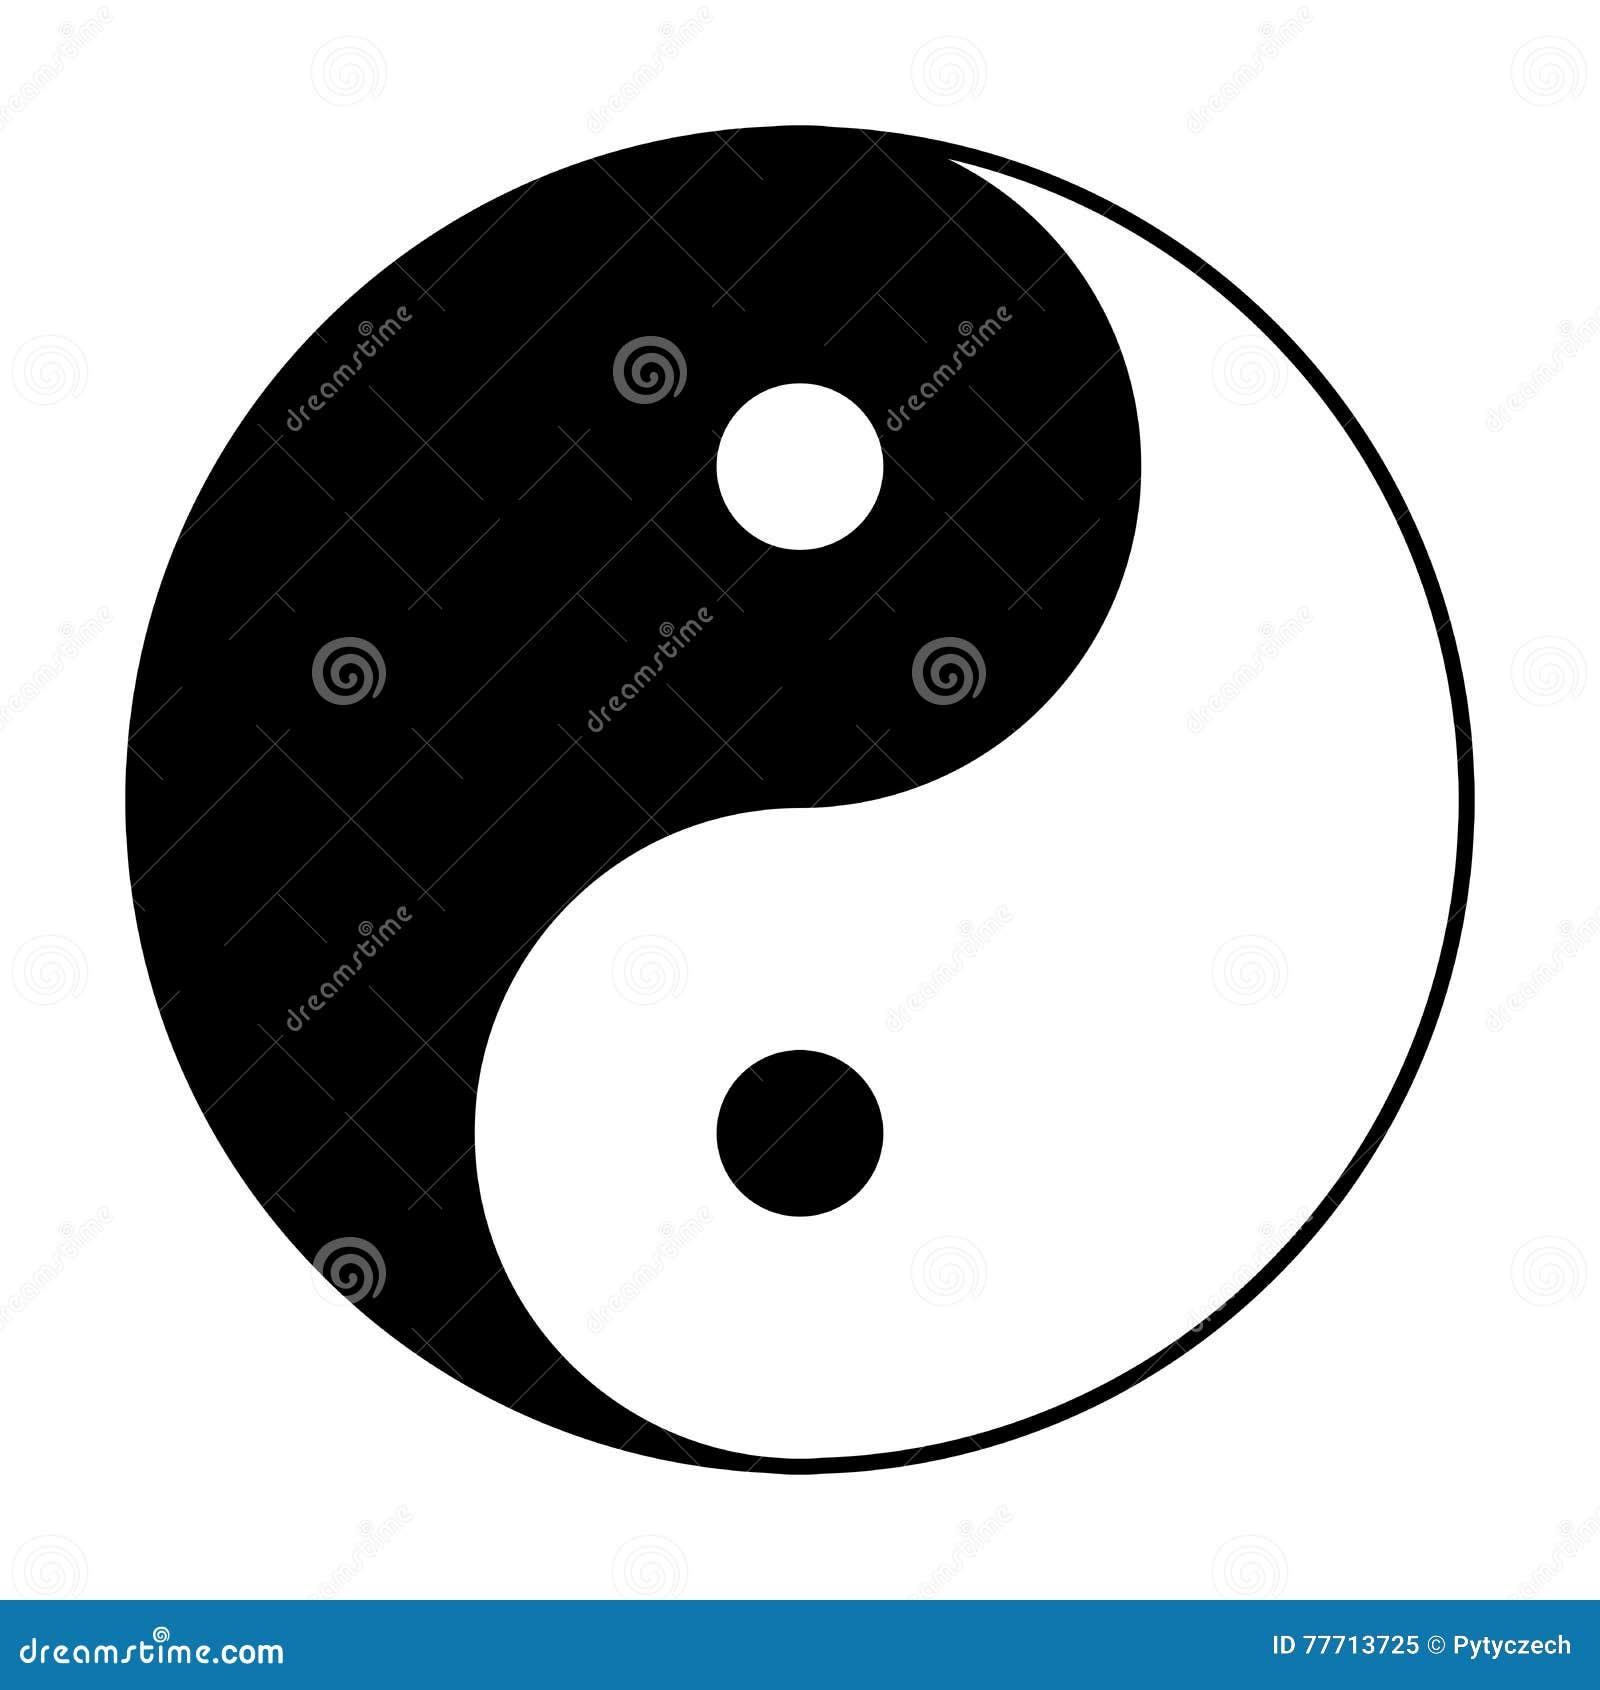 simbolo blanco y negro